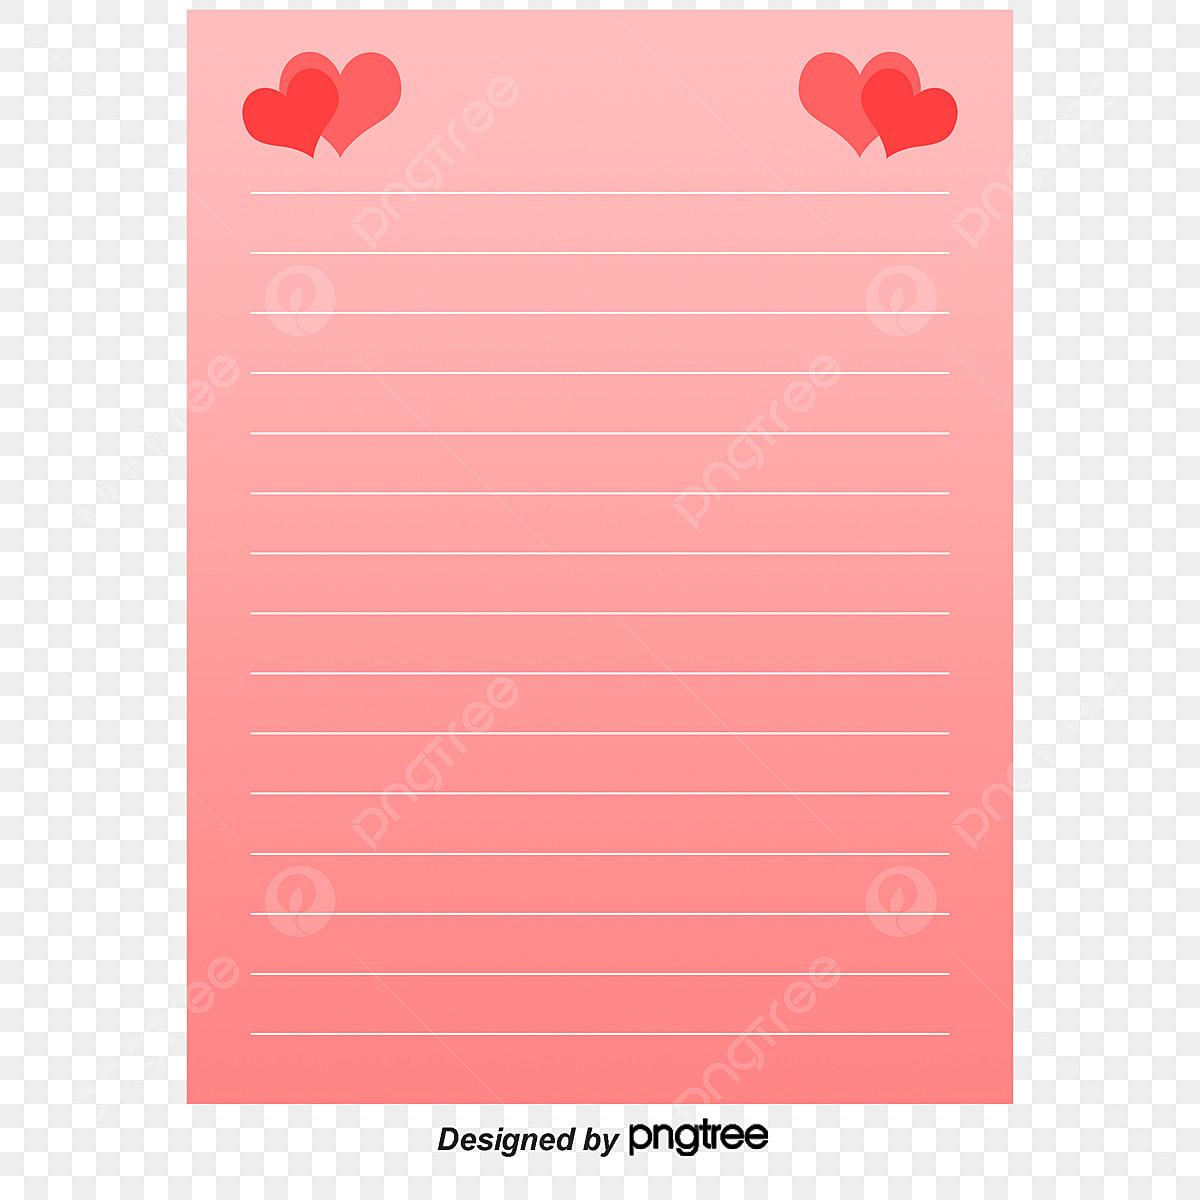 Imagenes de sobres para cartas de amor